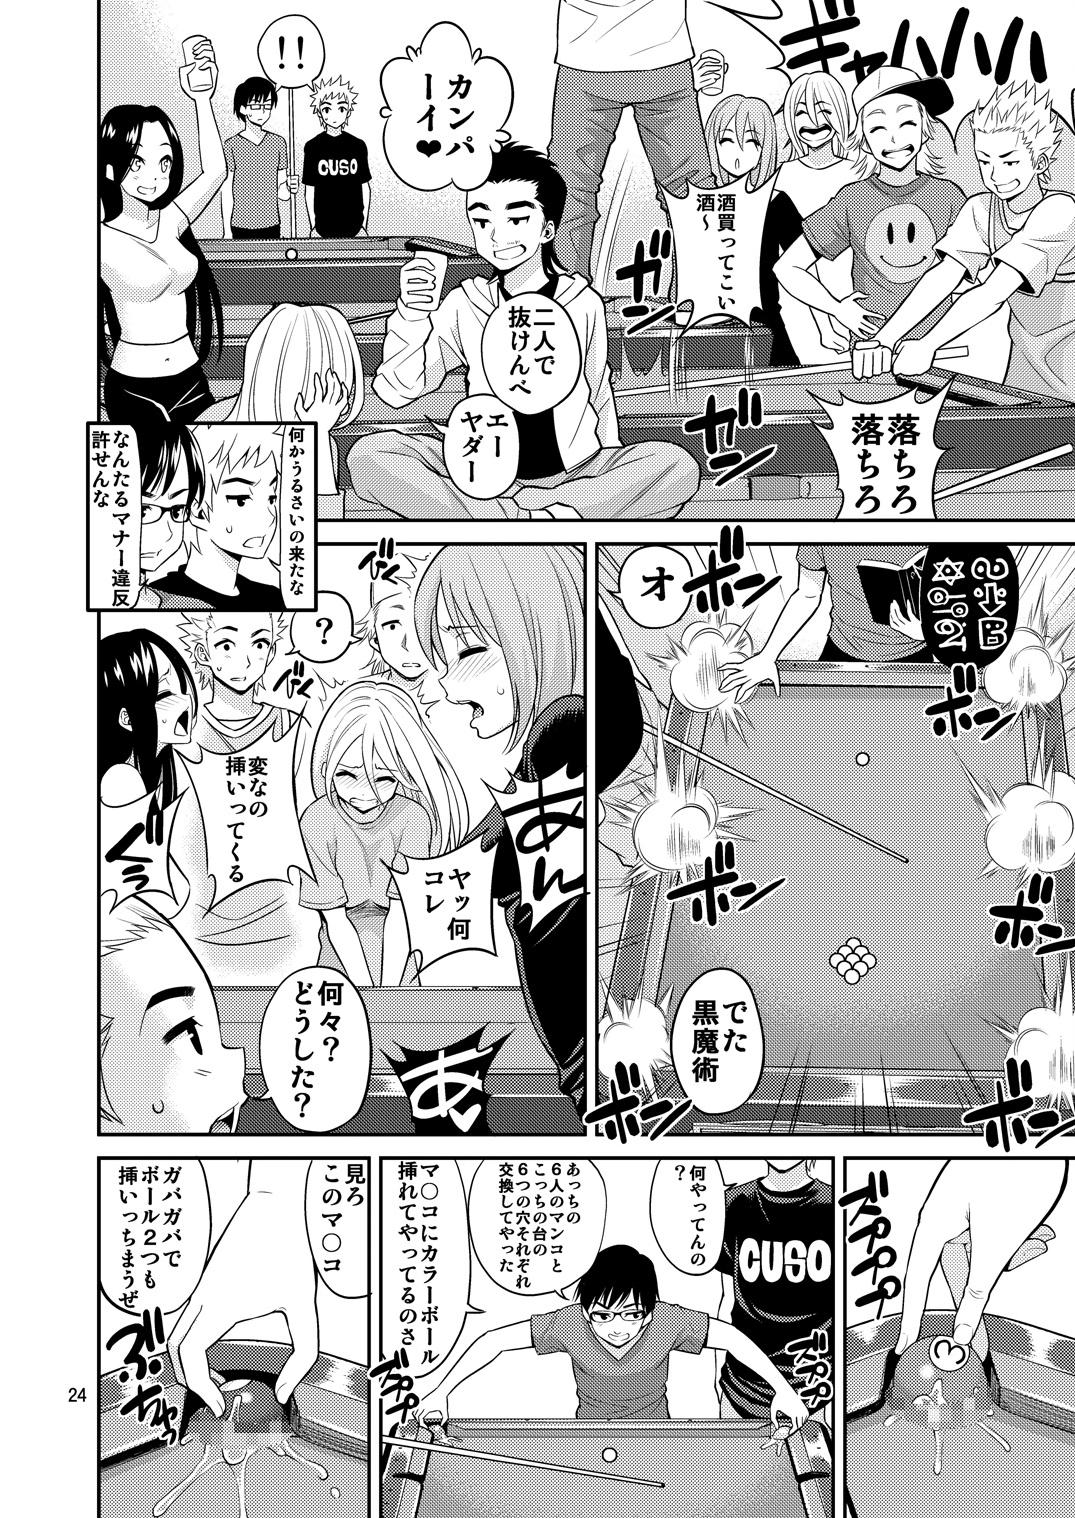 [八尋ぽち] 正しい魔術の遊び方【ビリヤード編】 (23)